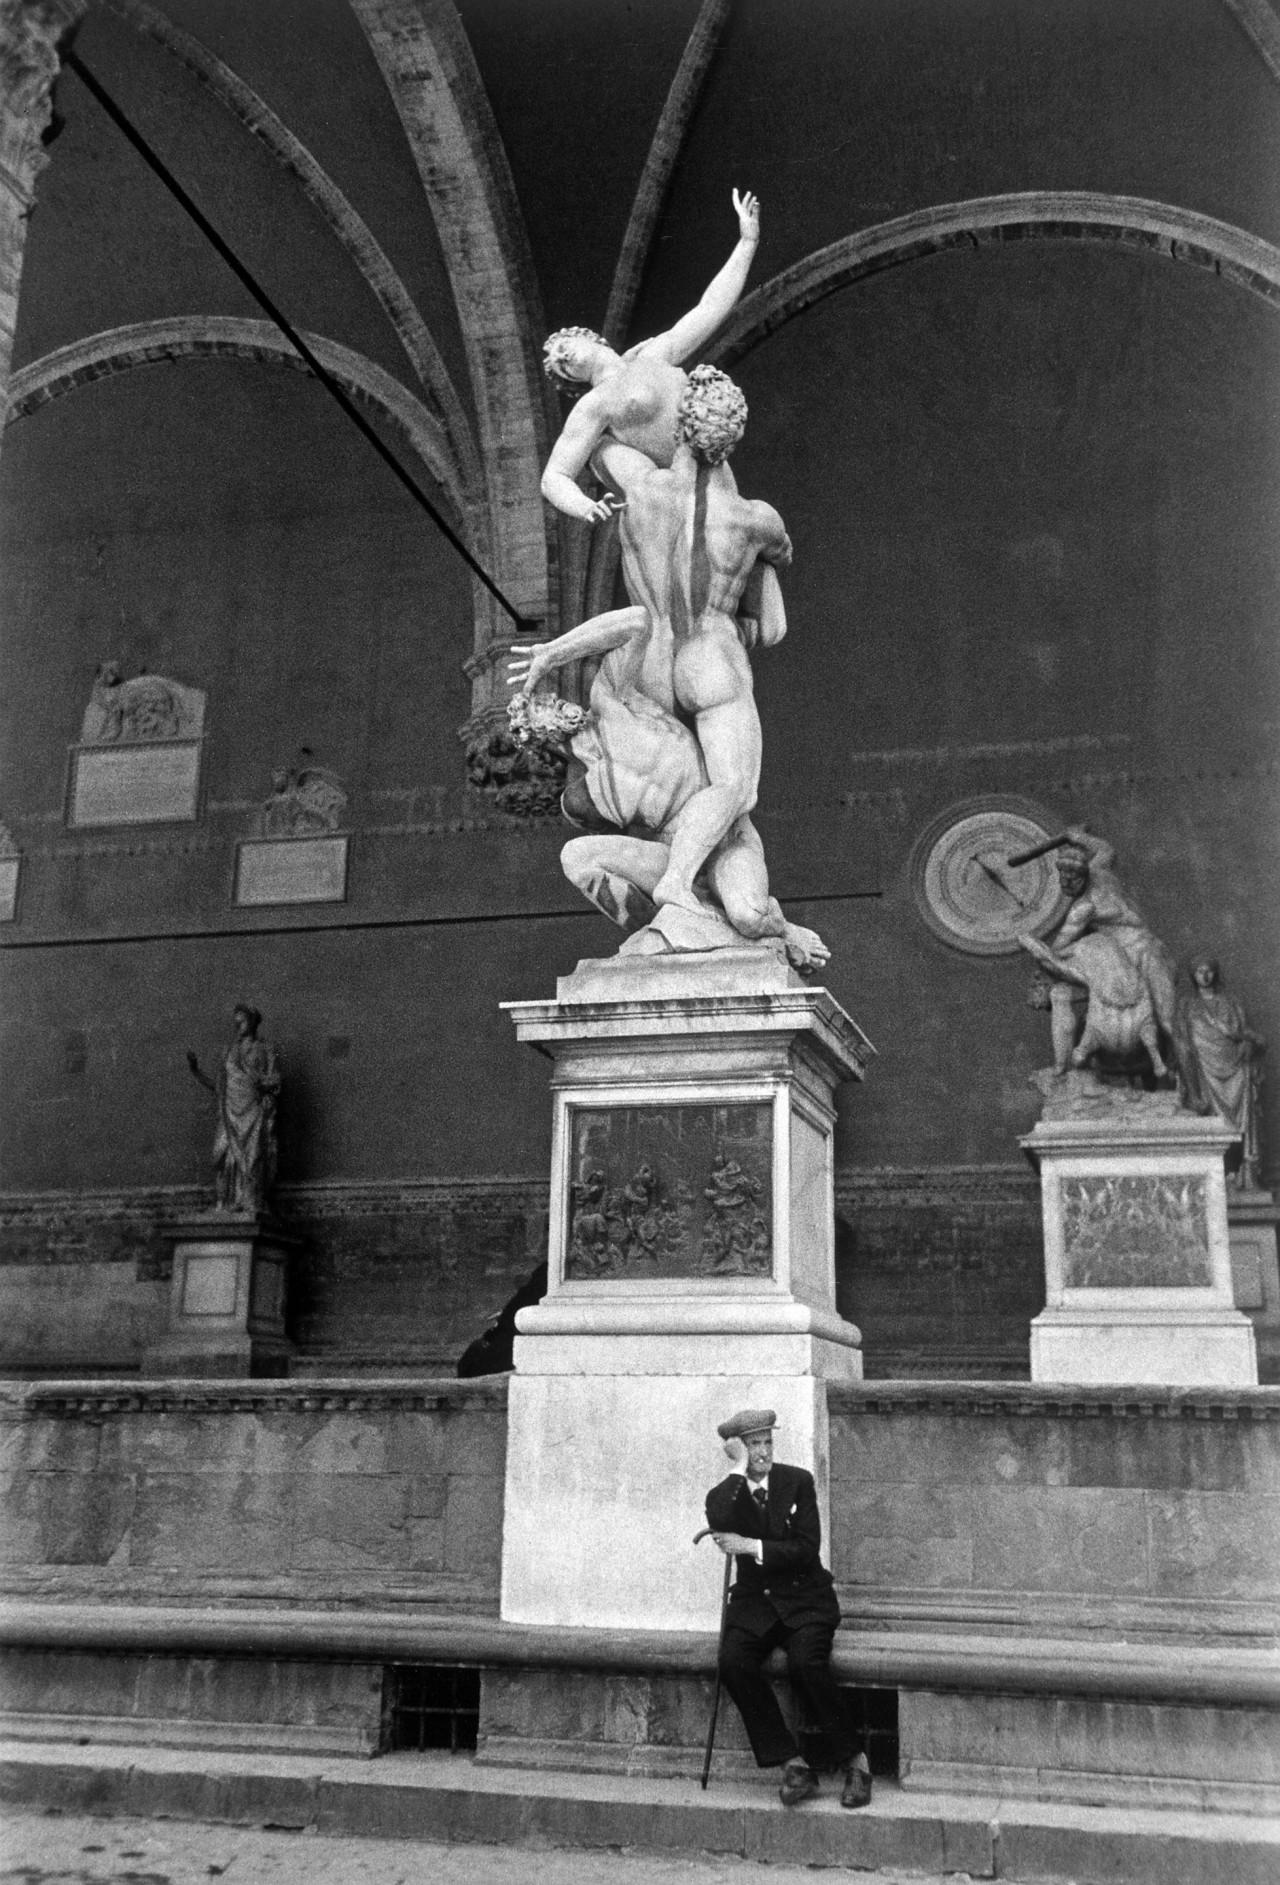 Скульптура Джамболоньи «Похищение сабинянок» (1583). Лоджия Ланци, Флоренция, 1940. Фотограф Карл Миданс